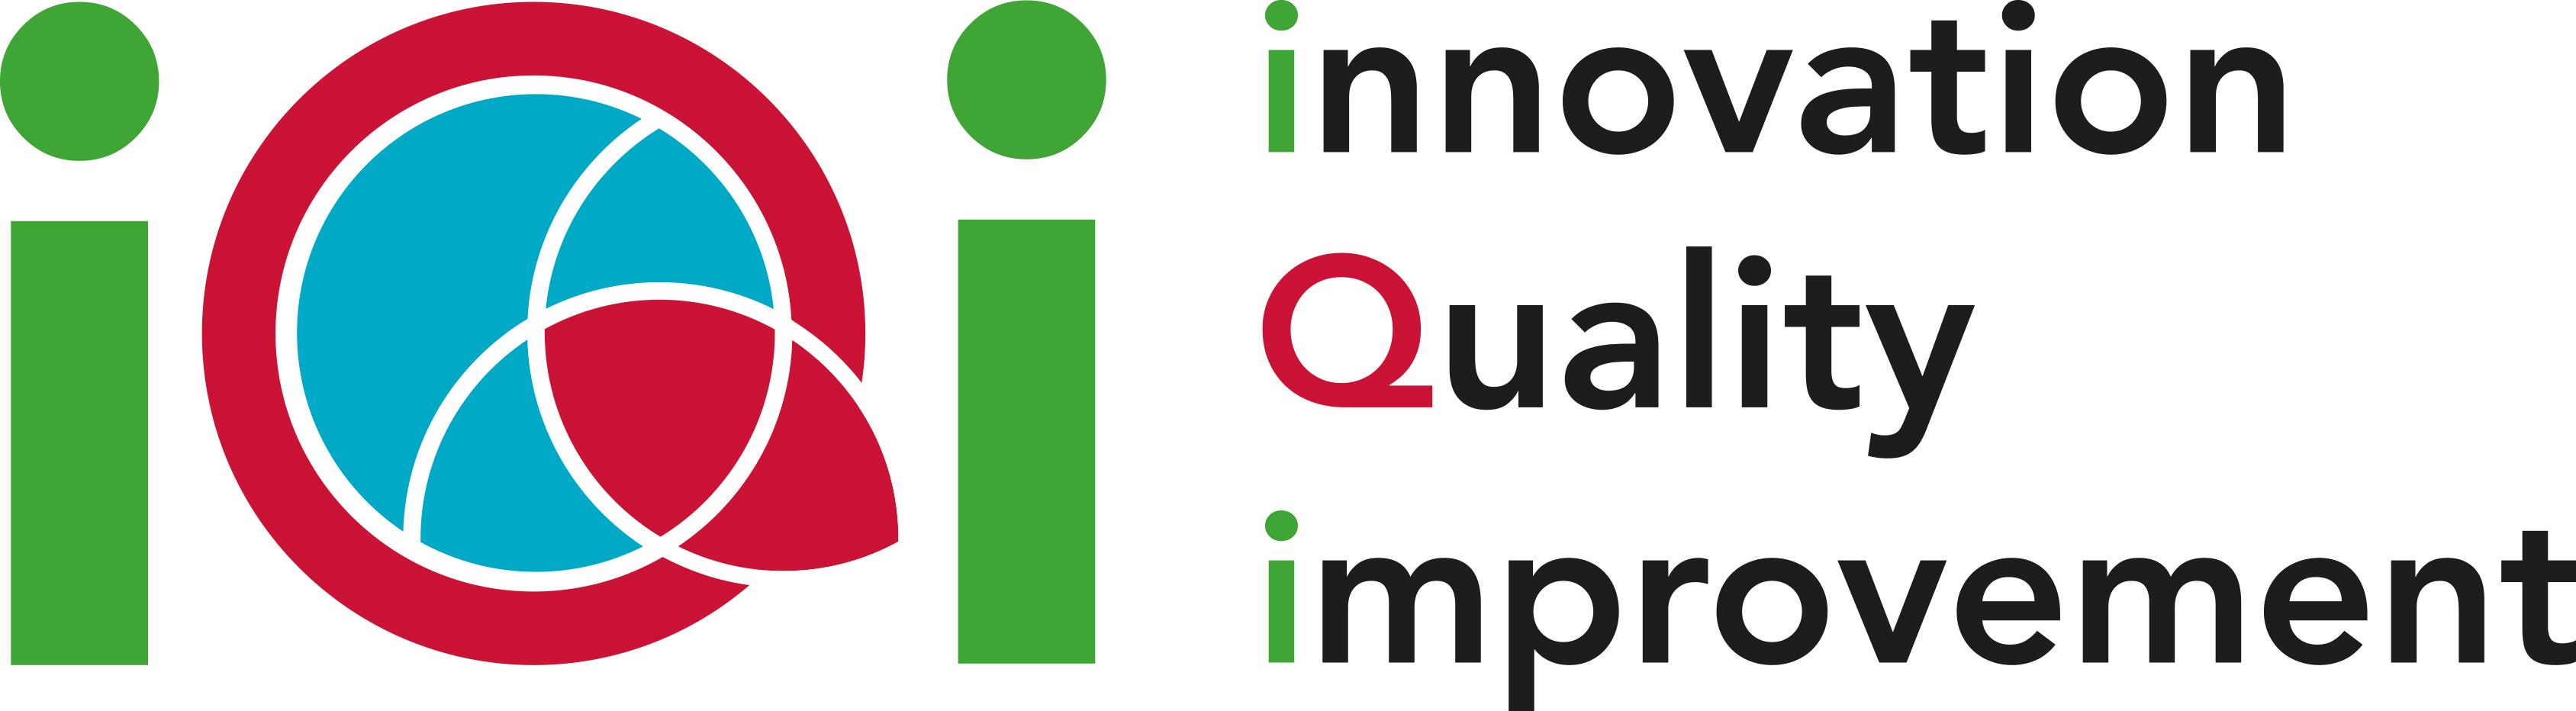 IQI logo